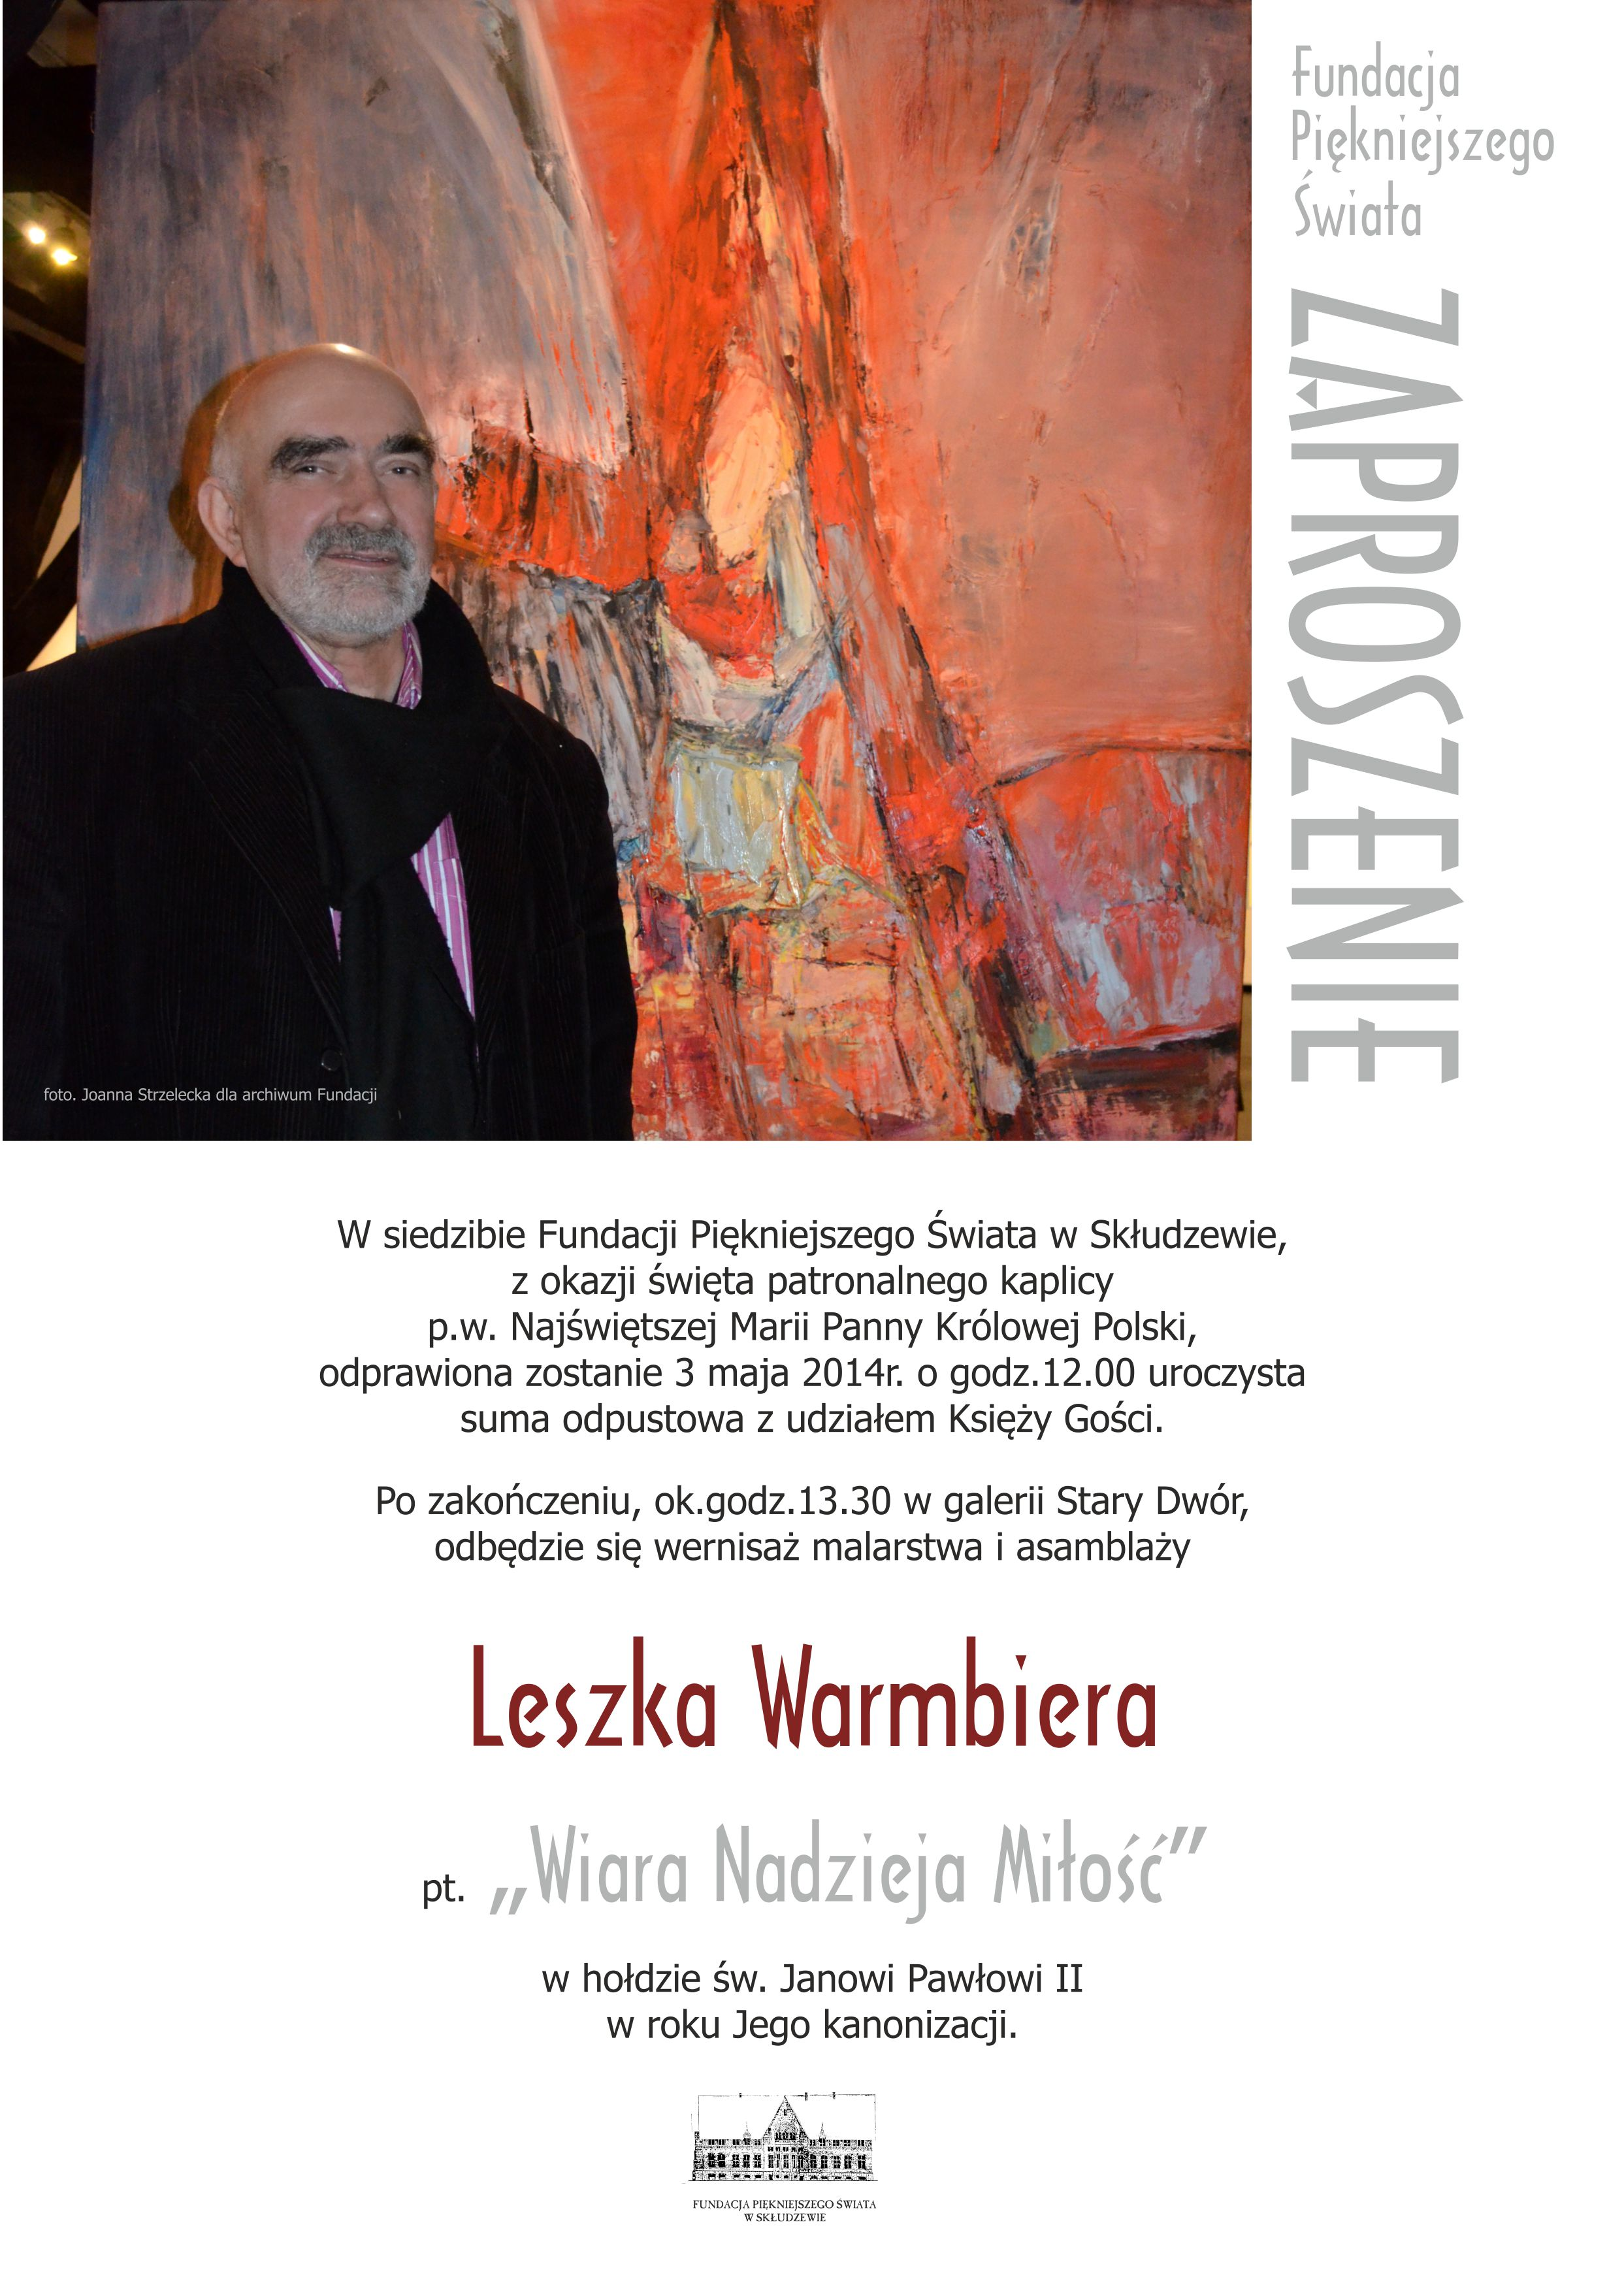 Zaproszenie Leszek Warmbier 3 maja 2014